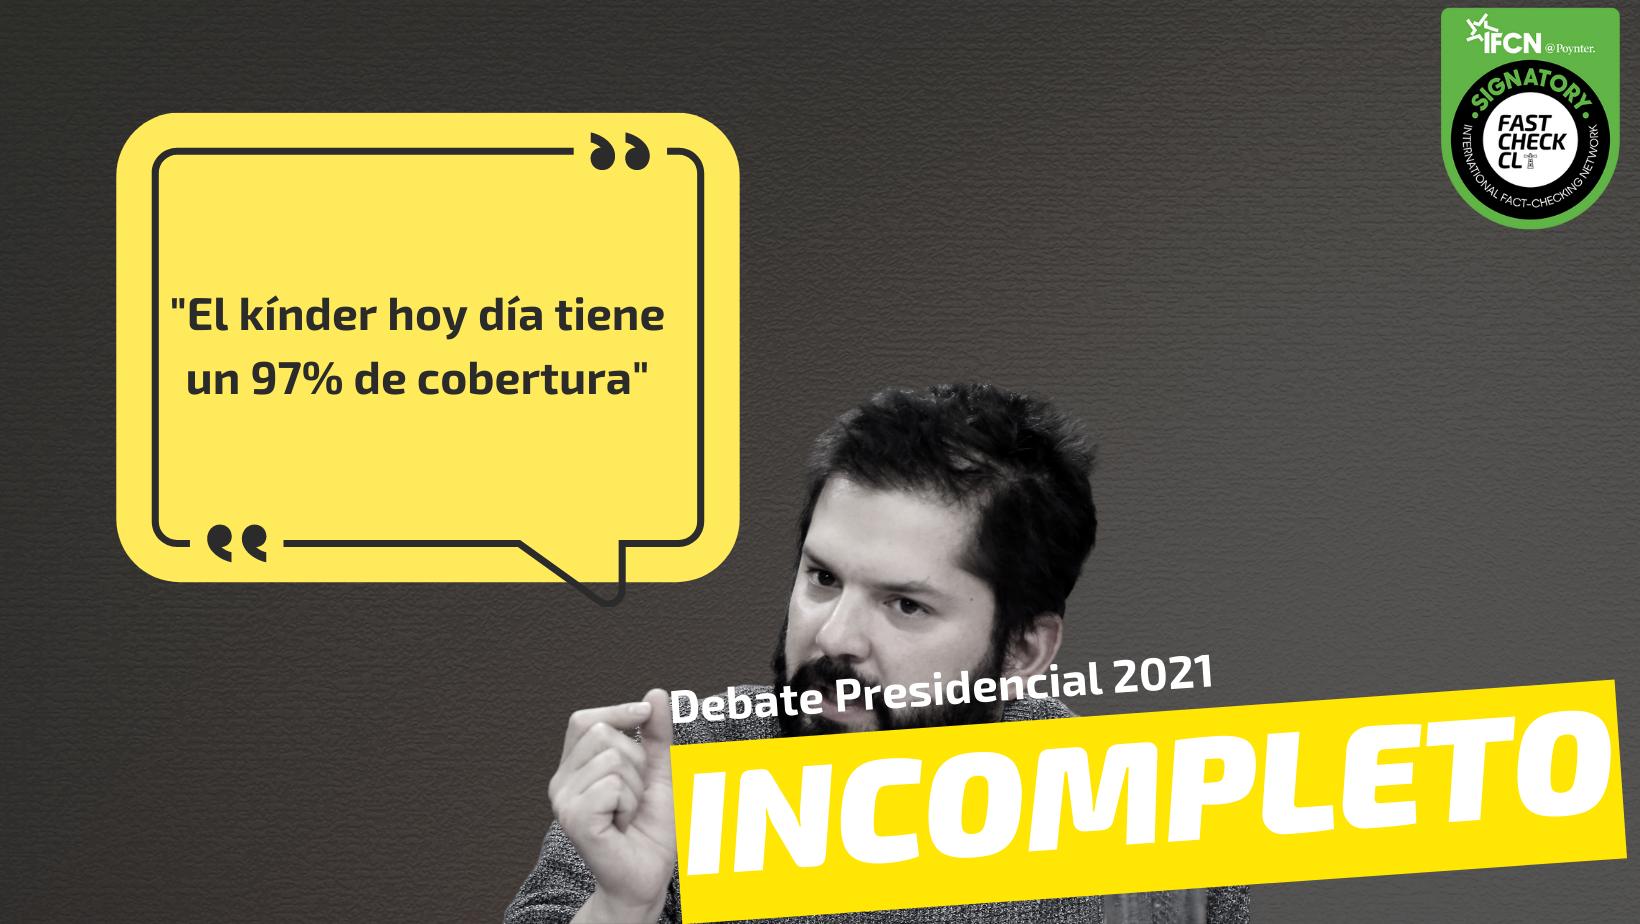 """Read more about the article """"El kínder hoy día tiene un 97% de cobertura"""": #Incompleto"""